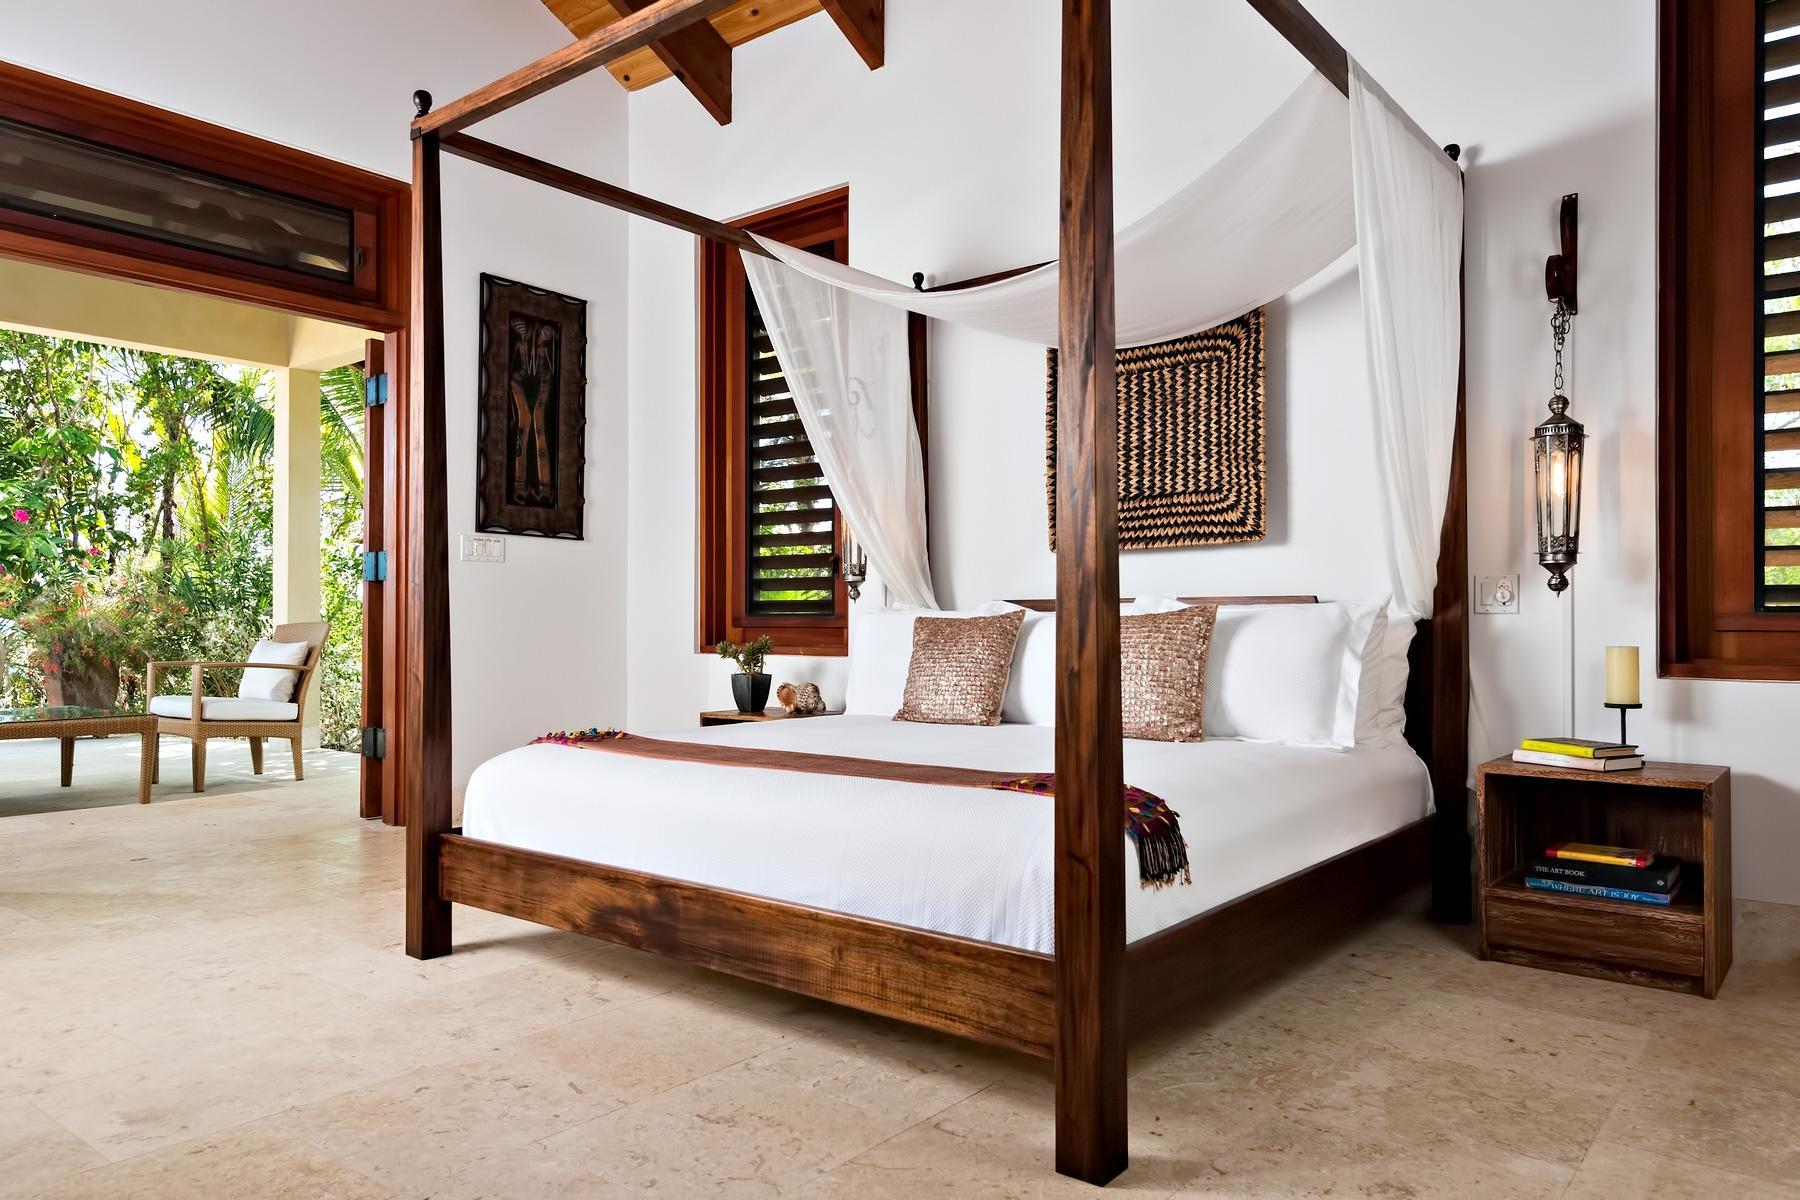 Luxury Villa Alamandra – Providenciales, Turks and Caicos Islands